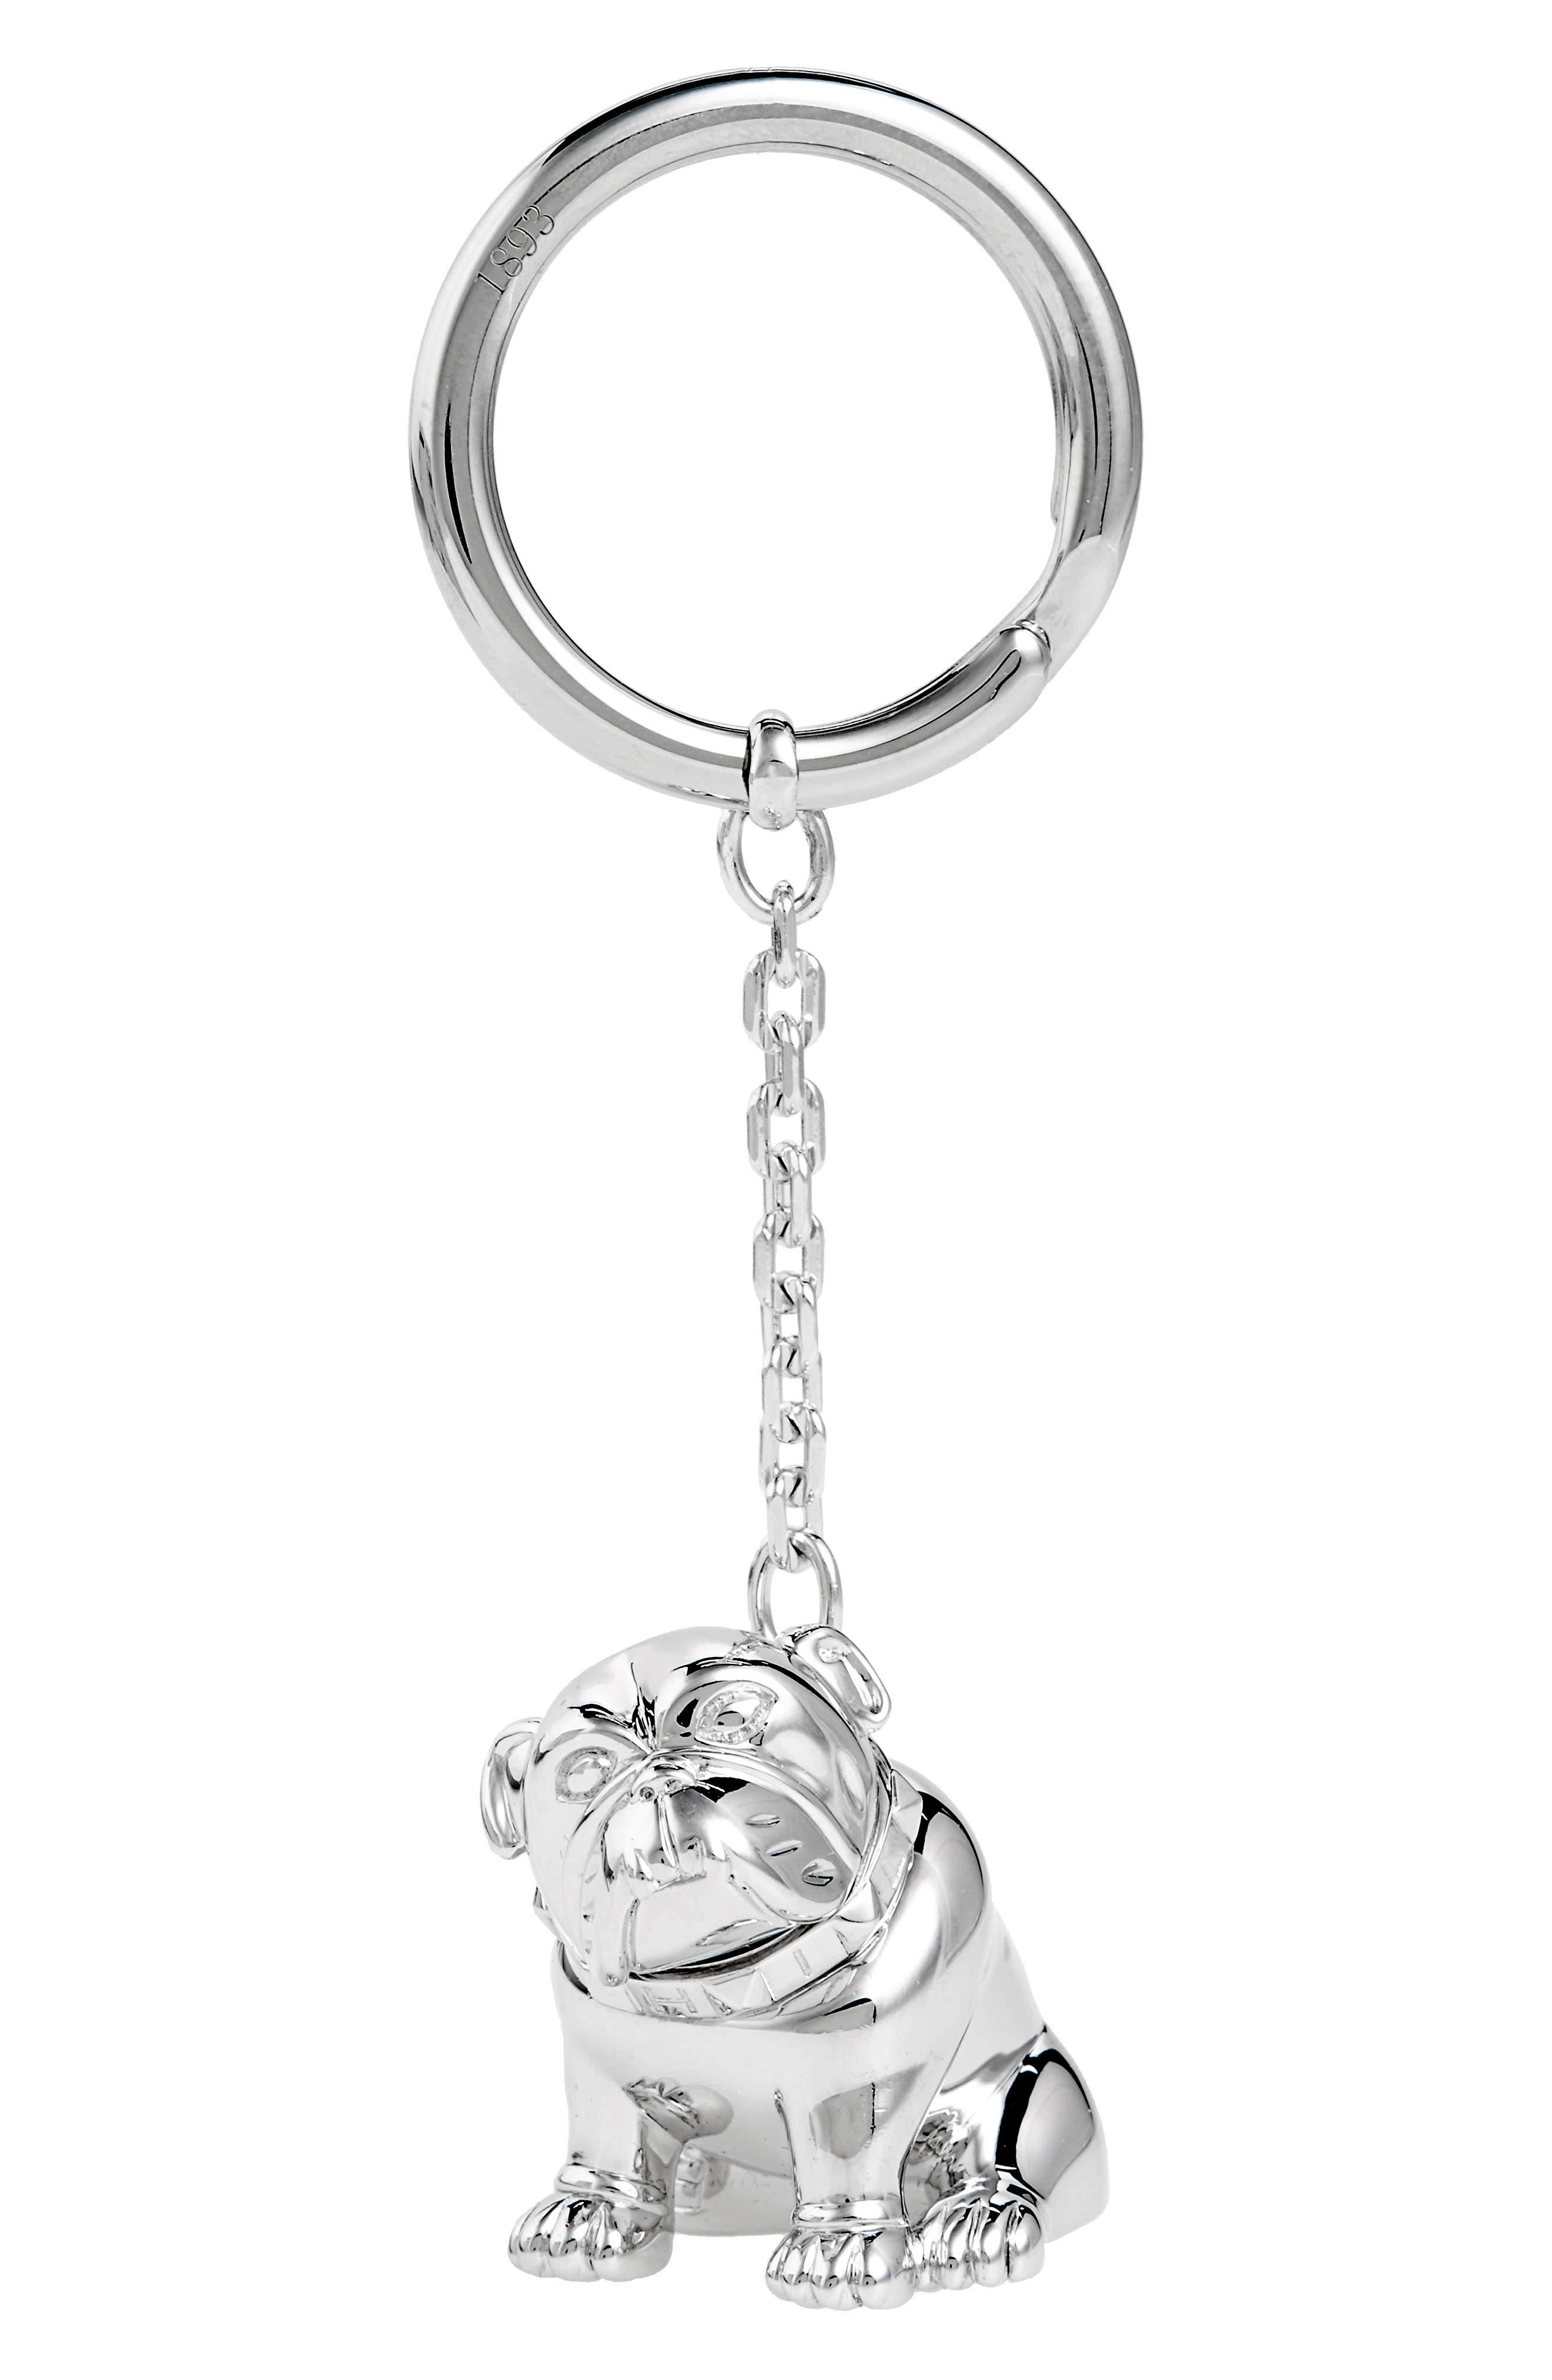 Dunhill Bulldog Key Ring